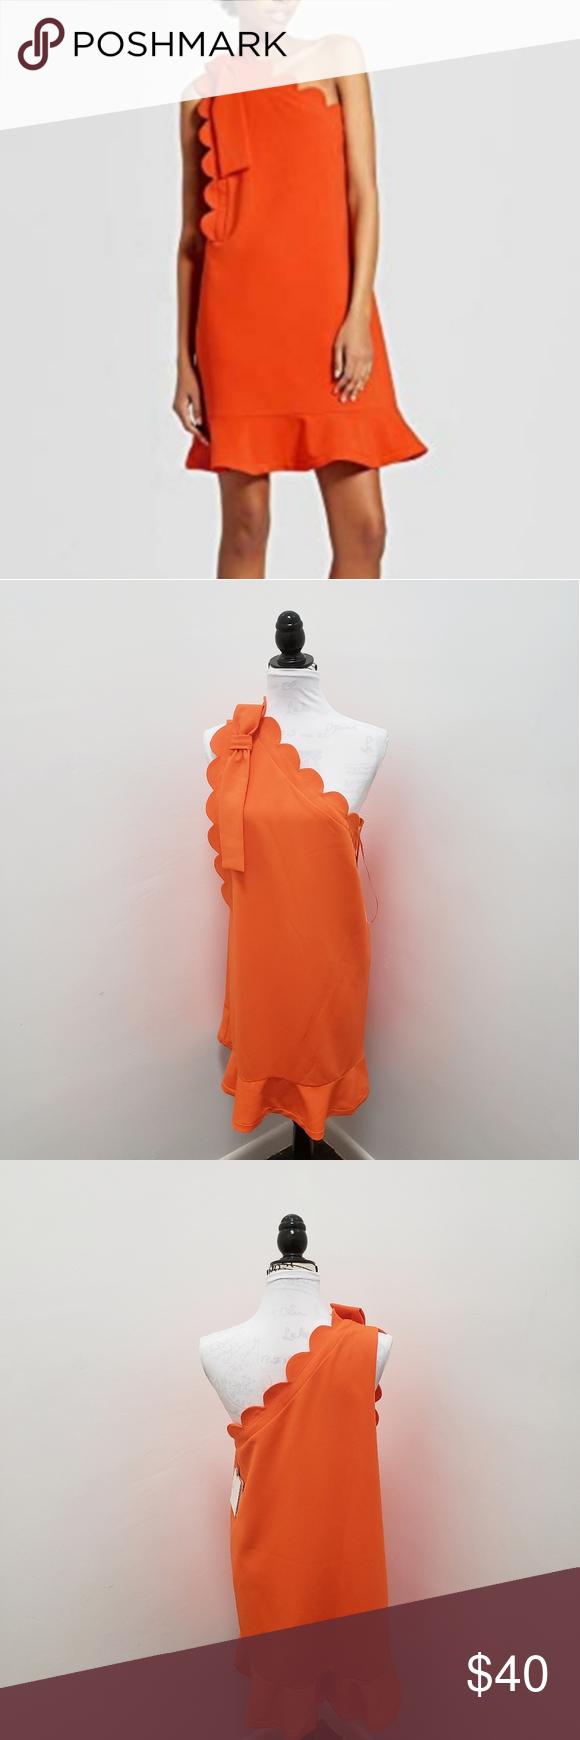 Victoria Beckham For Target One Shoulder Dress Clothes Design Victoria Beckham Target Fashion [ 1740 x 580 Pixel ]